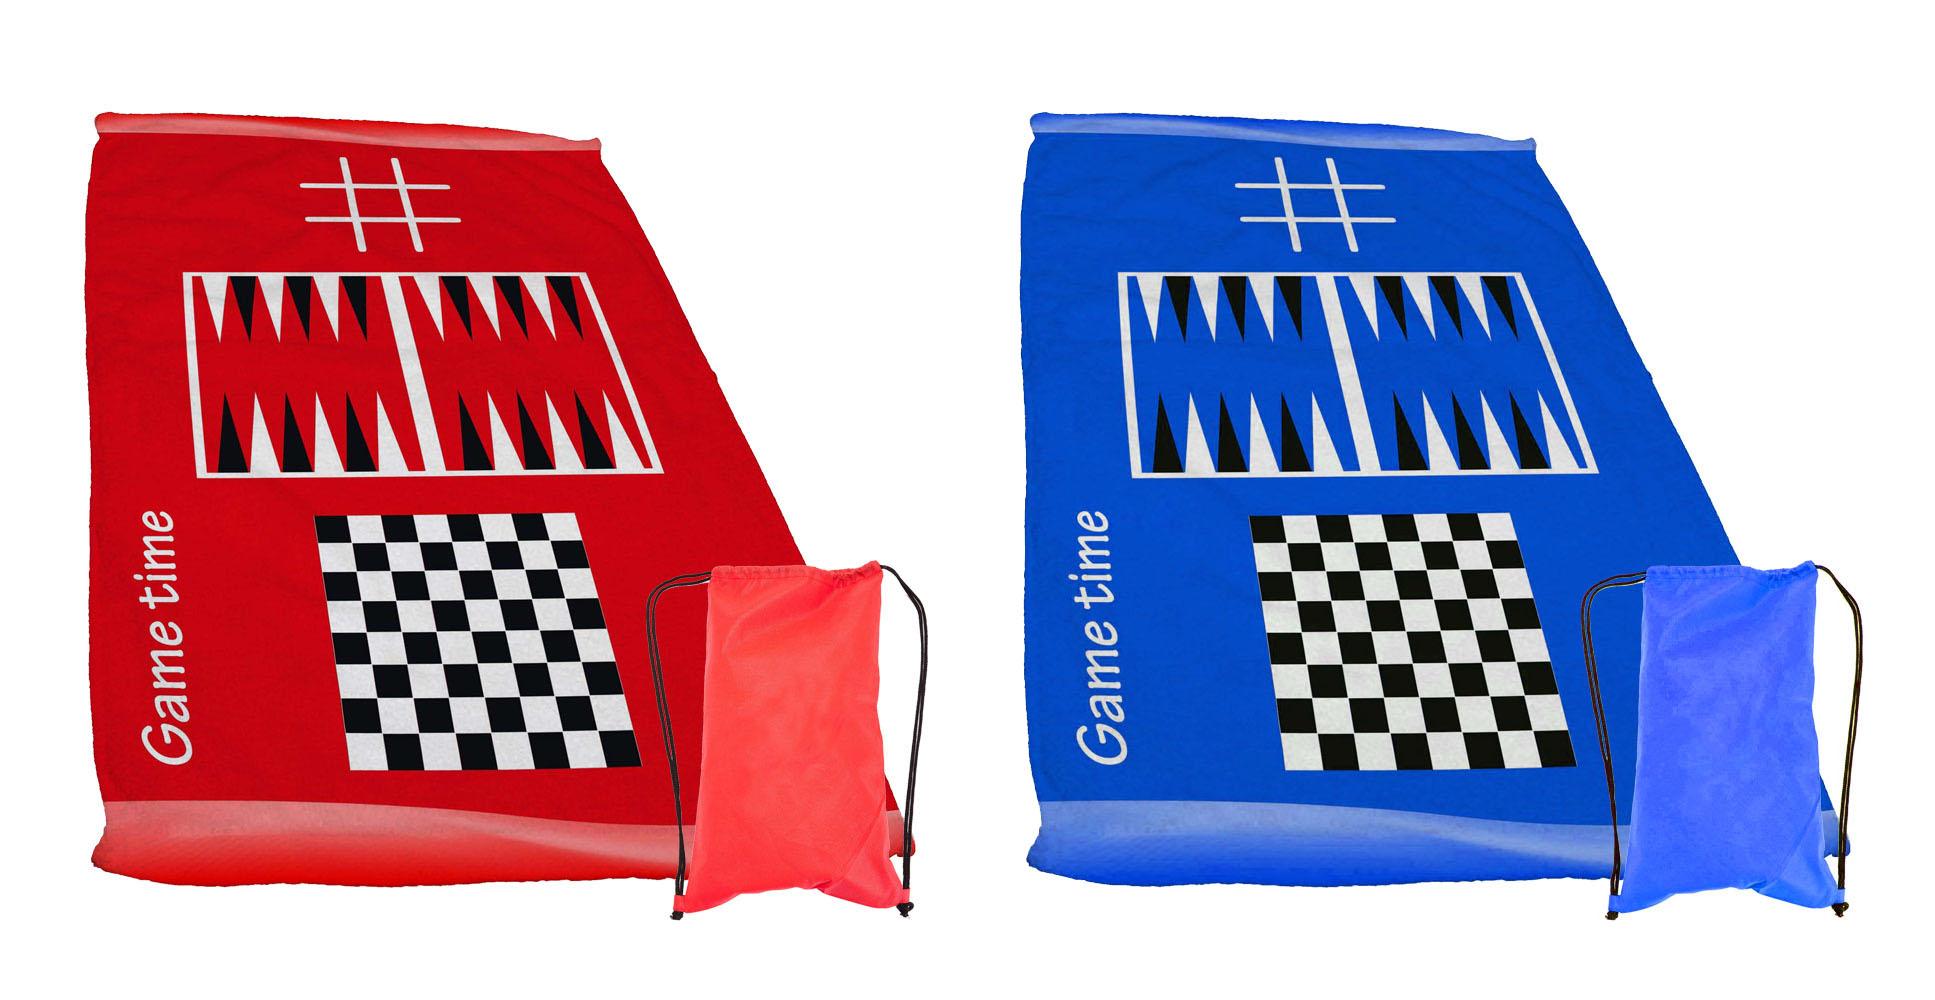 מגבת חוף מעוצבת וגדולה עם 3 משחקים דגם פיפו